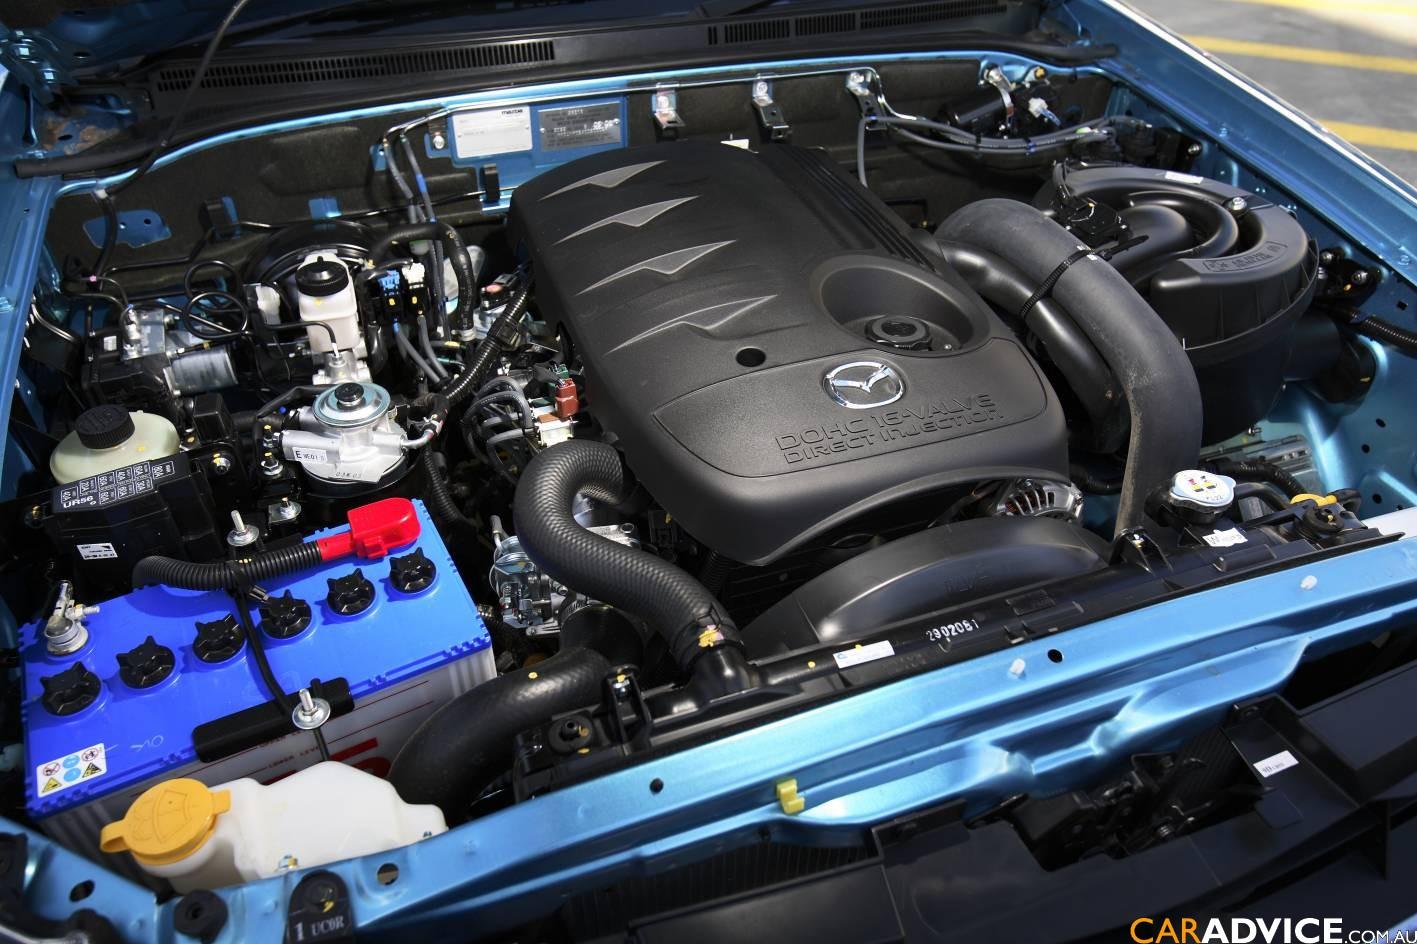 Kelebihan Kekurangan Mazda Bt 50 2008 Spesifikasi